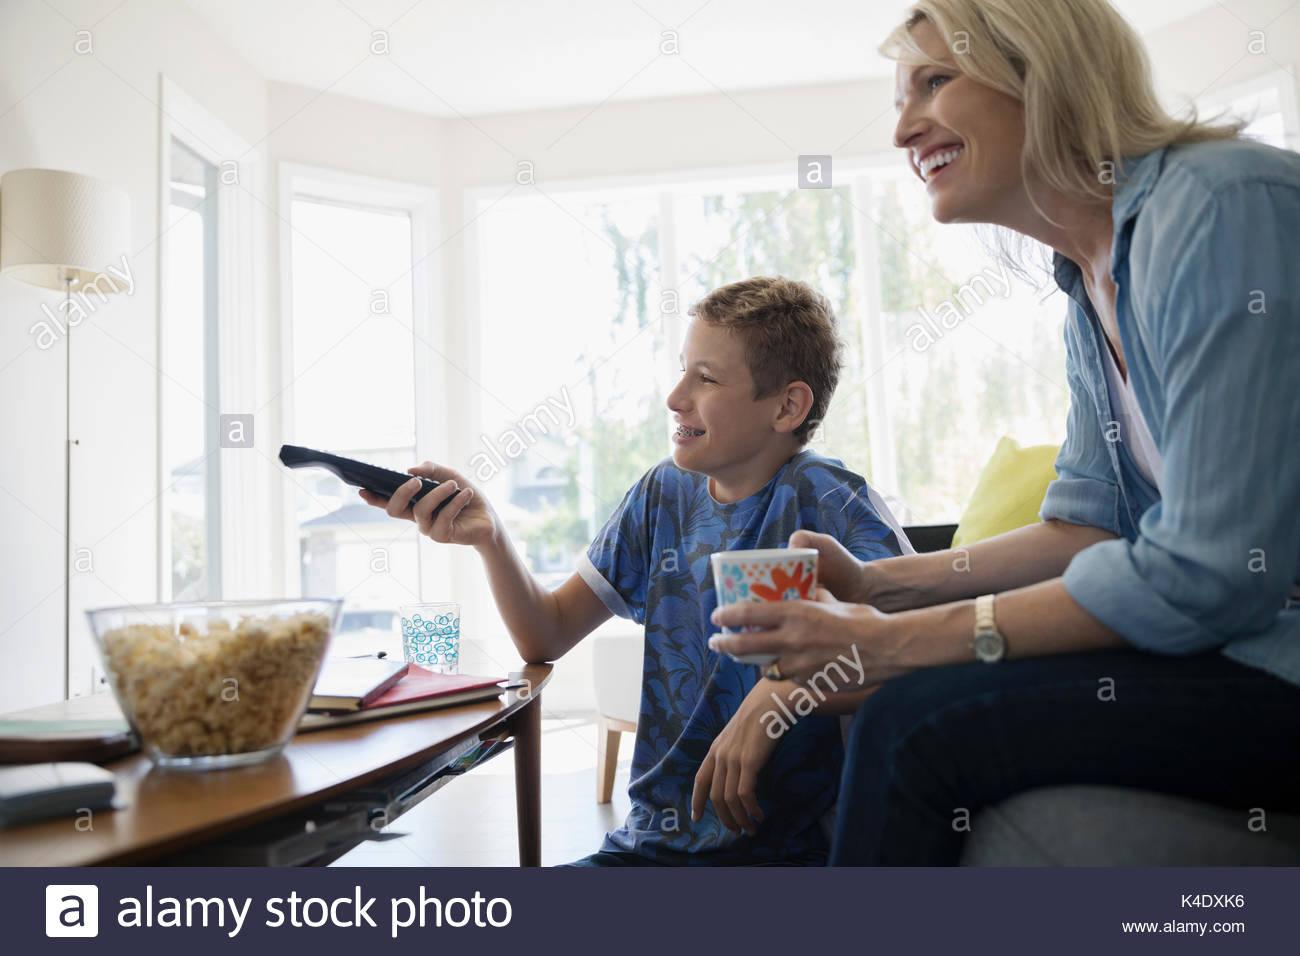 Madre e hijo pre-adolescente mirando la televisión y comiendo palomitas en el salón Imagen De Stock